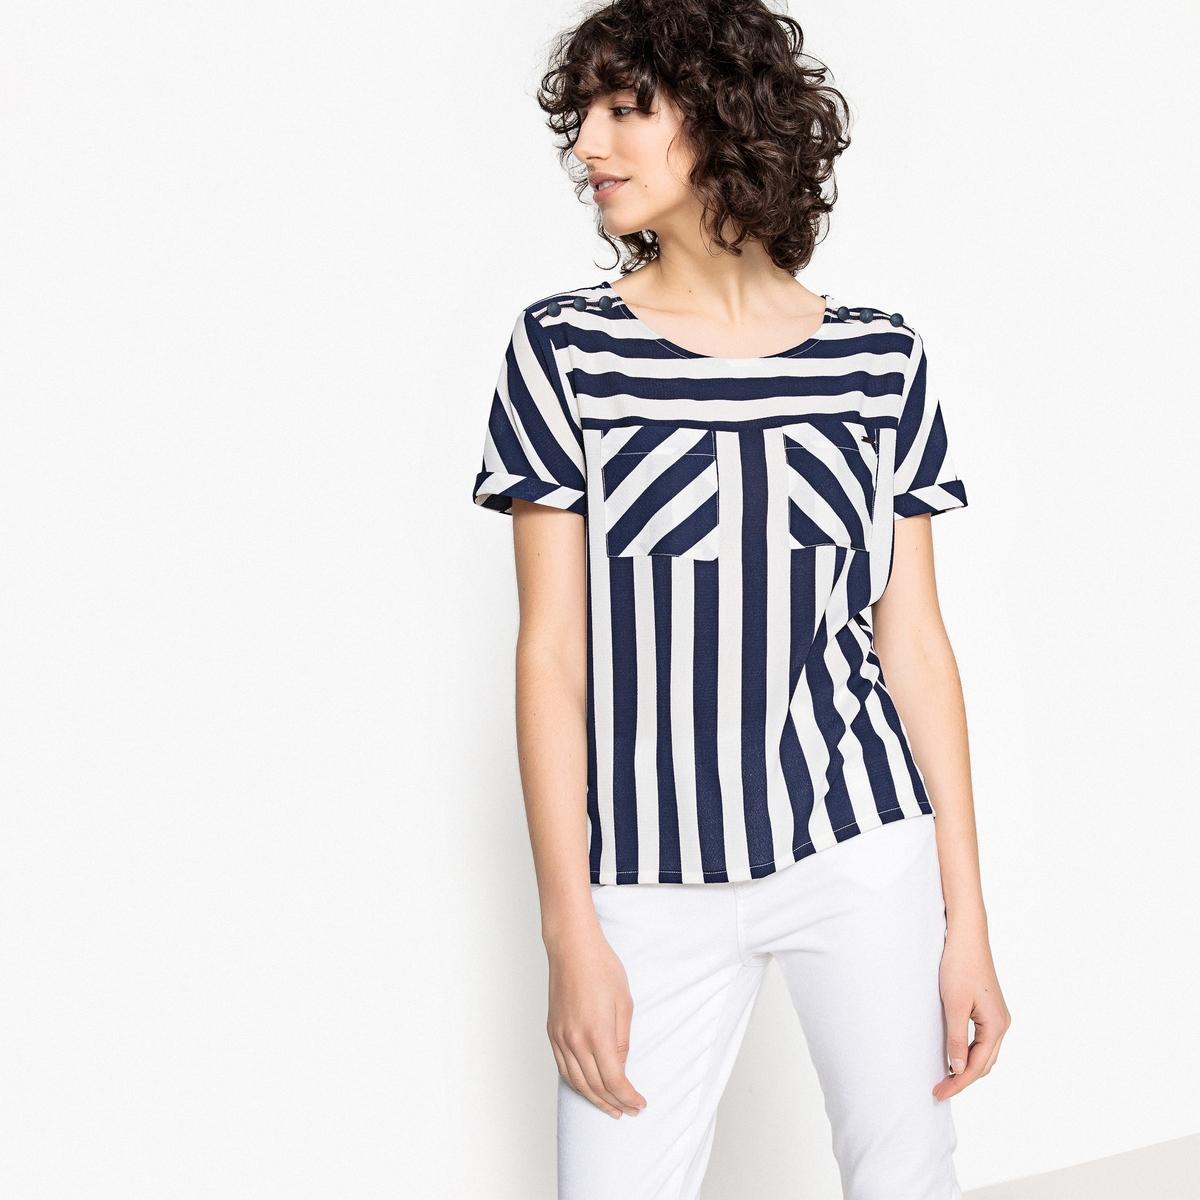 Блузка La Redoute С V-образным вырезом рисунком и короткими рукавами M белый футболка la redoute с v образным вырезом короткими рукавами и принтом спереди l белый